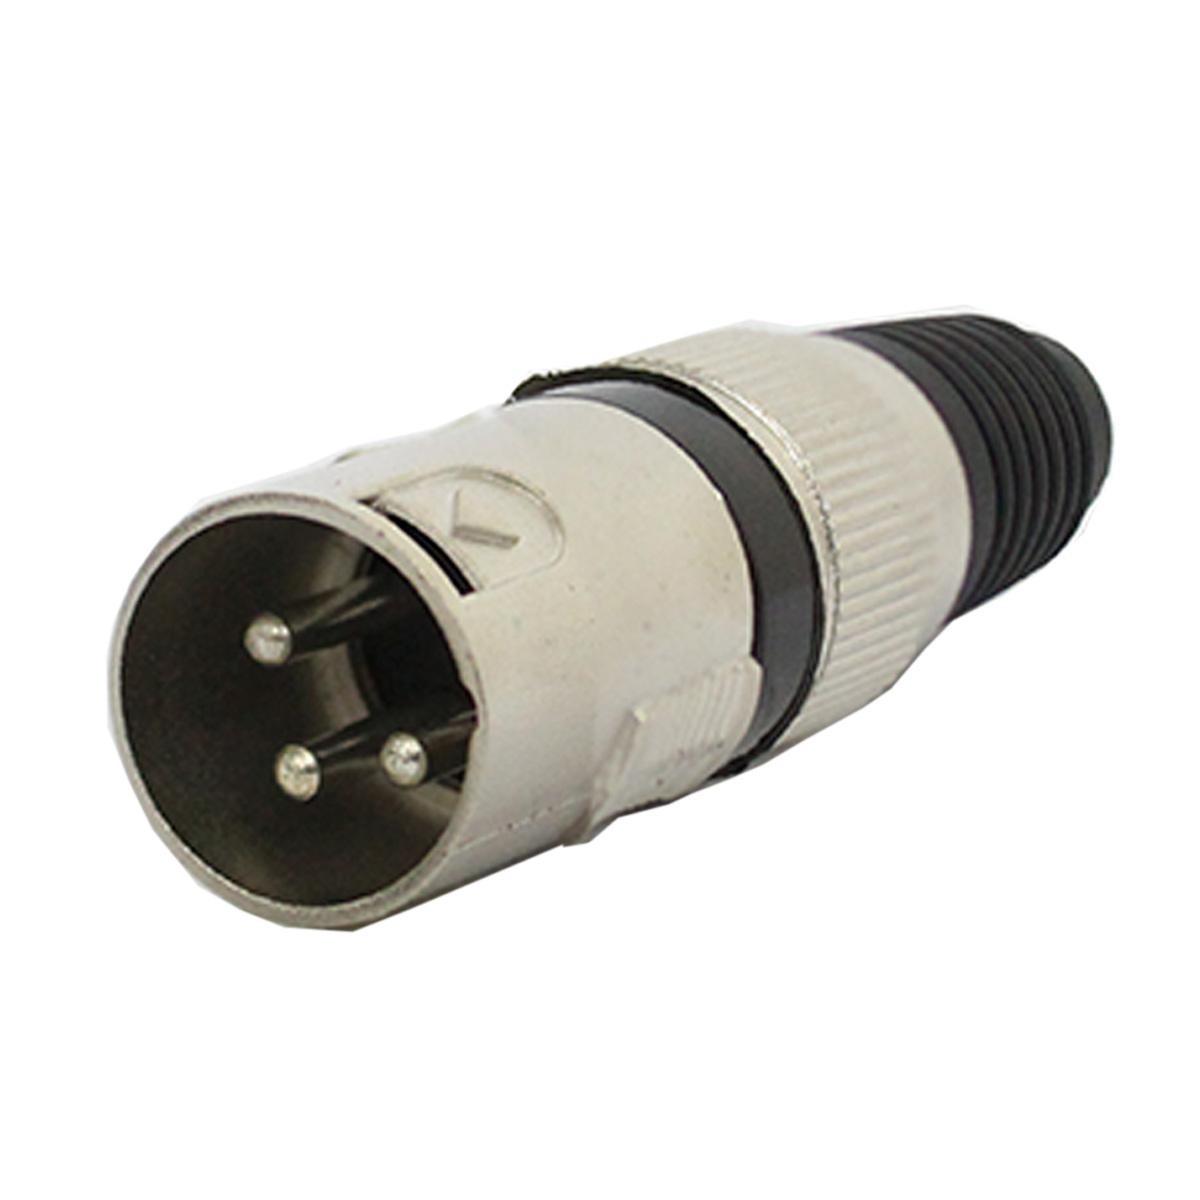 Q34BK - Conector Cannon XLR Macho Linha Q34 BK - CSR